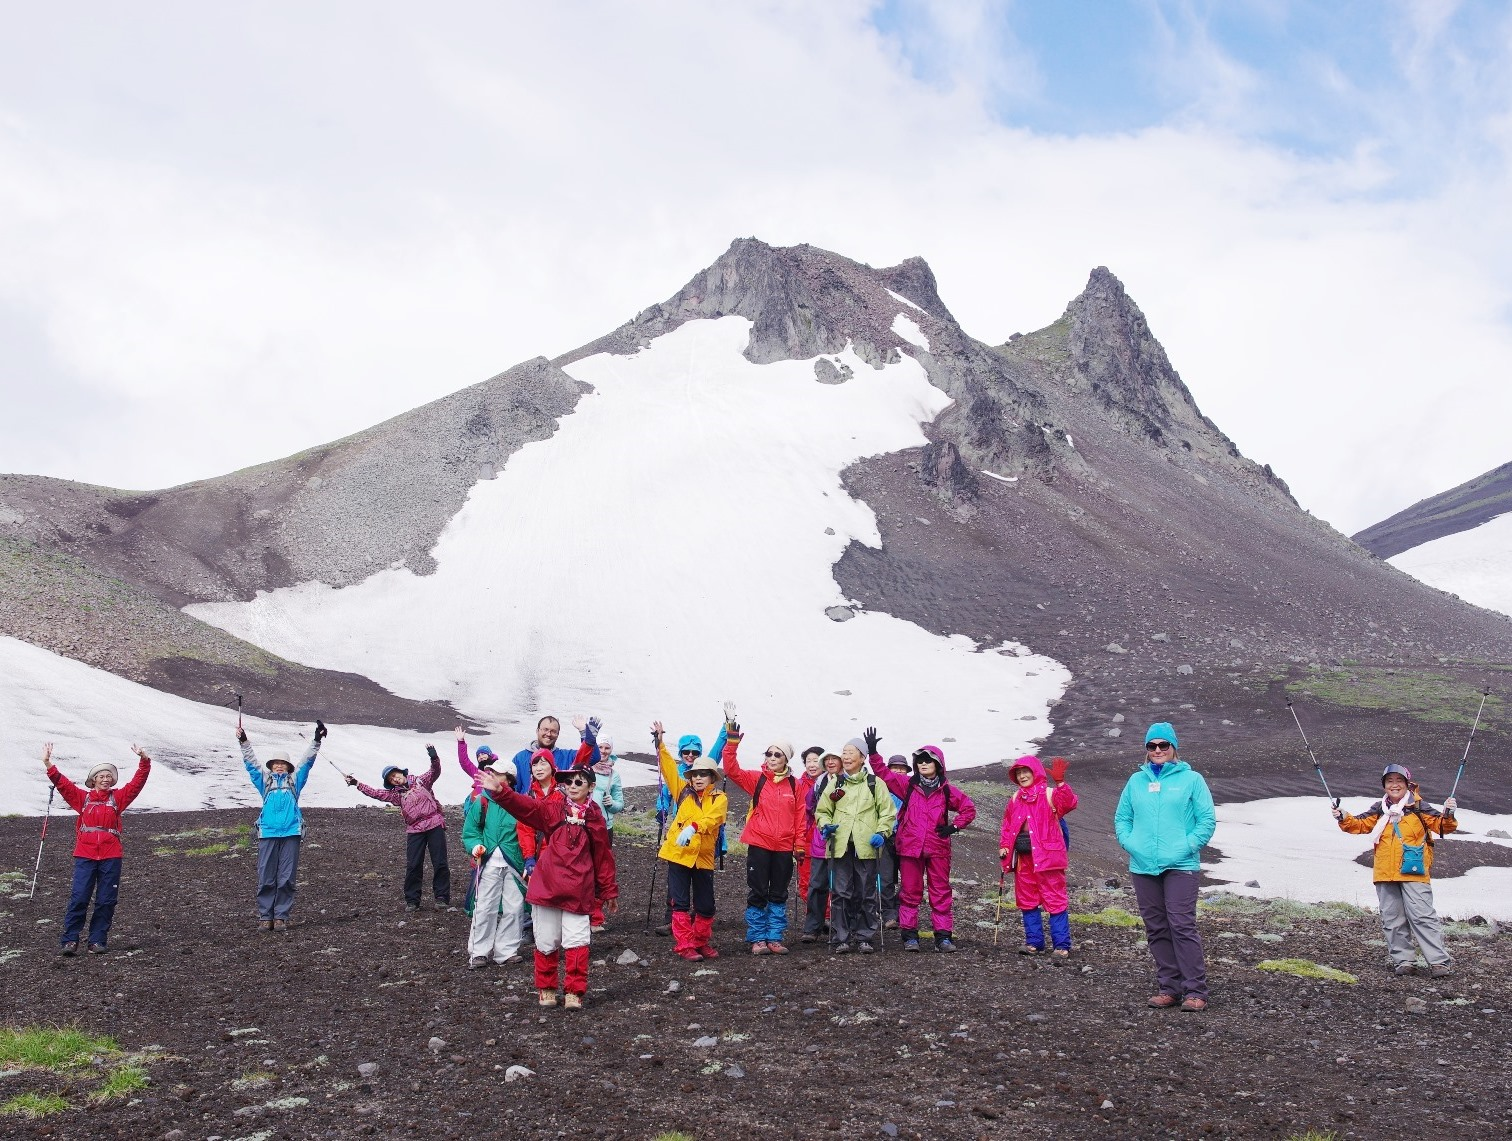 7月14日出発「カムチャッカ半島フラワー・ハイキングと世界遺産の火山群展望 5日間」